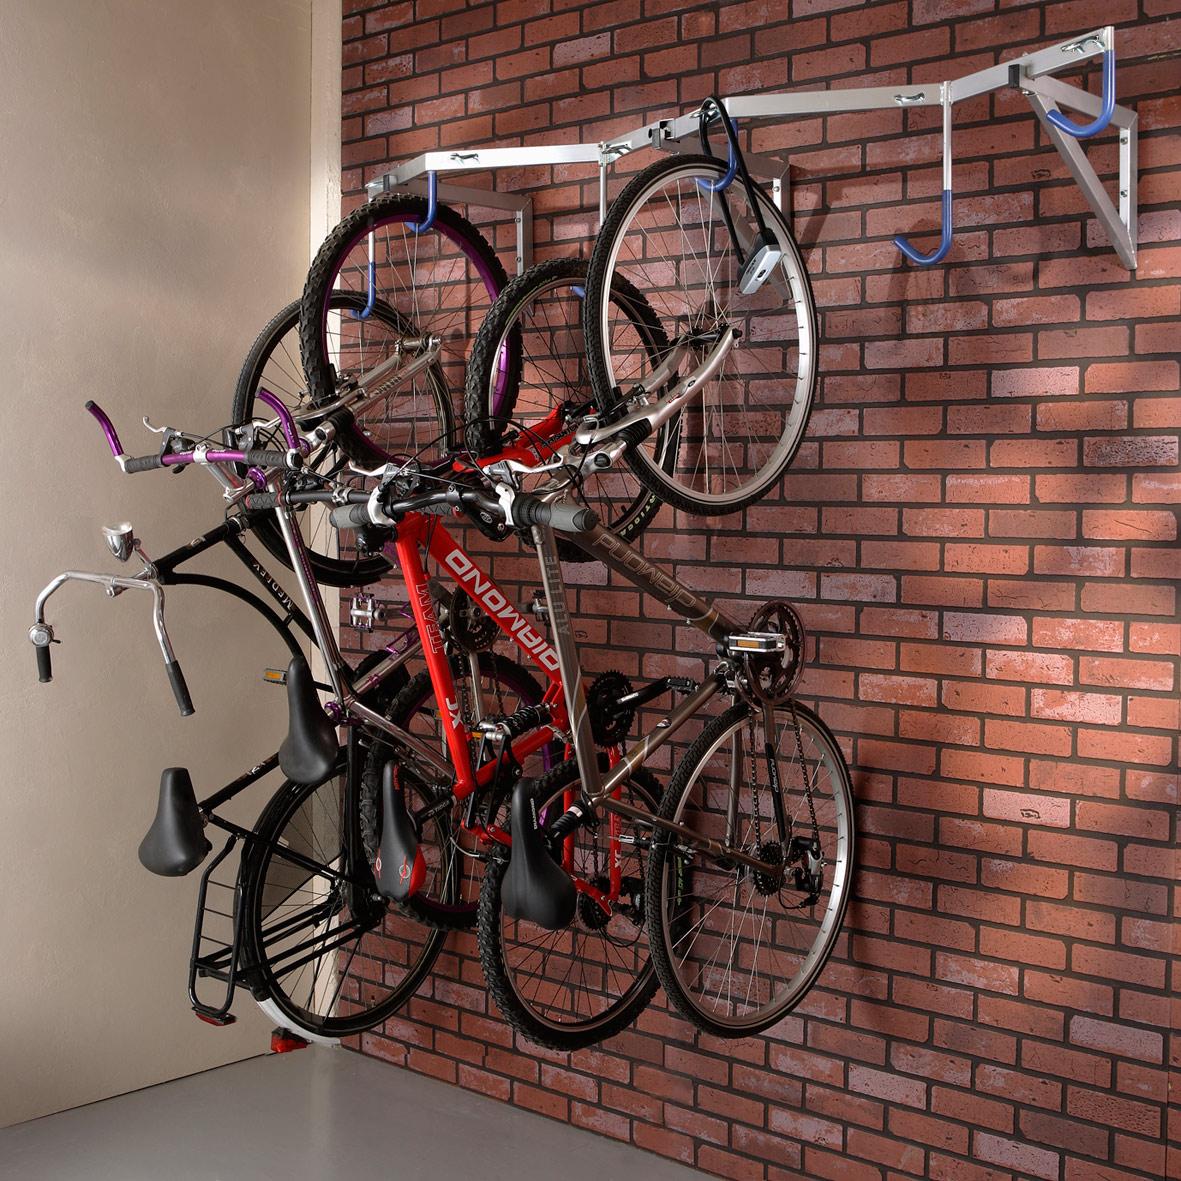 comprar soporte bicicletas pared compara precios en. Black Bedroom Furniture Sets. Home Design Ideas